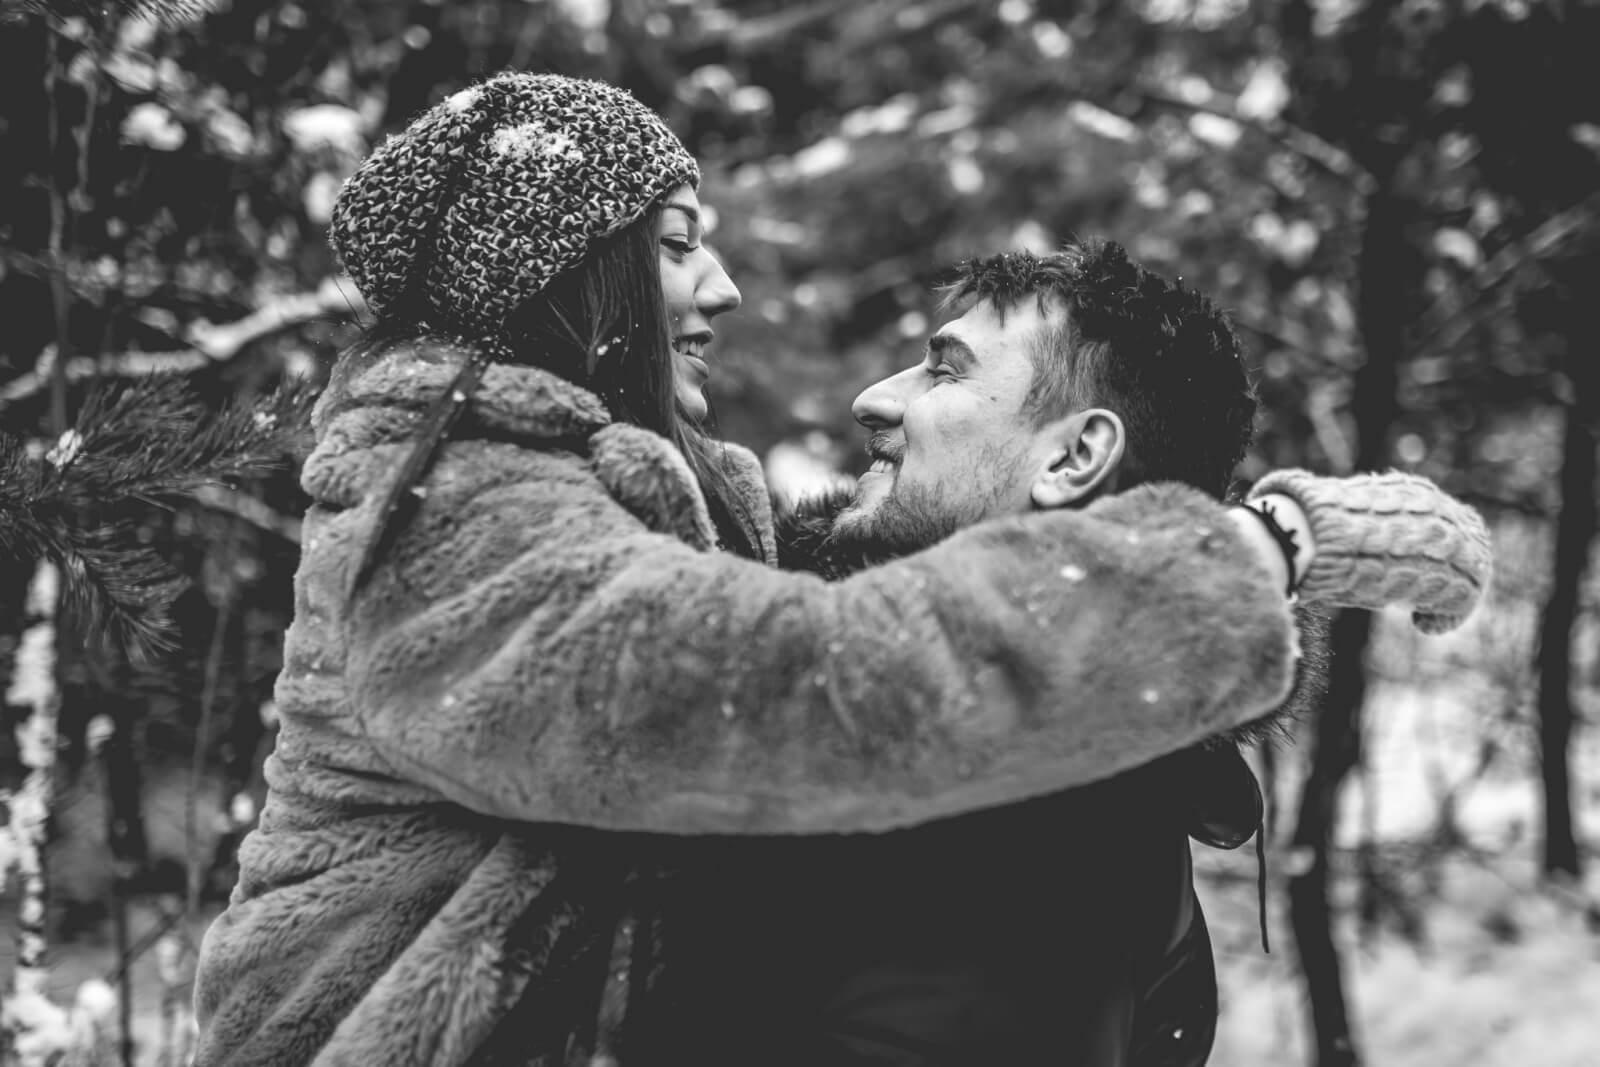 Sesja narzeczenska Anita i Adrian 10 01 2021 Marta Trzcinska Fotografia 19 - Zimowa sesja narzeczeńska Anity i Adriana - Starogard Gdański